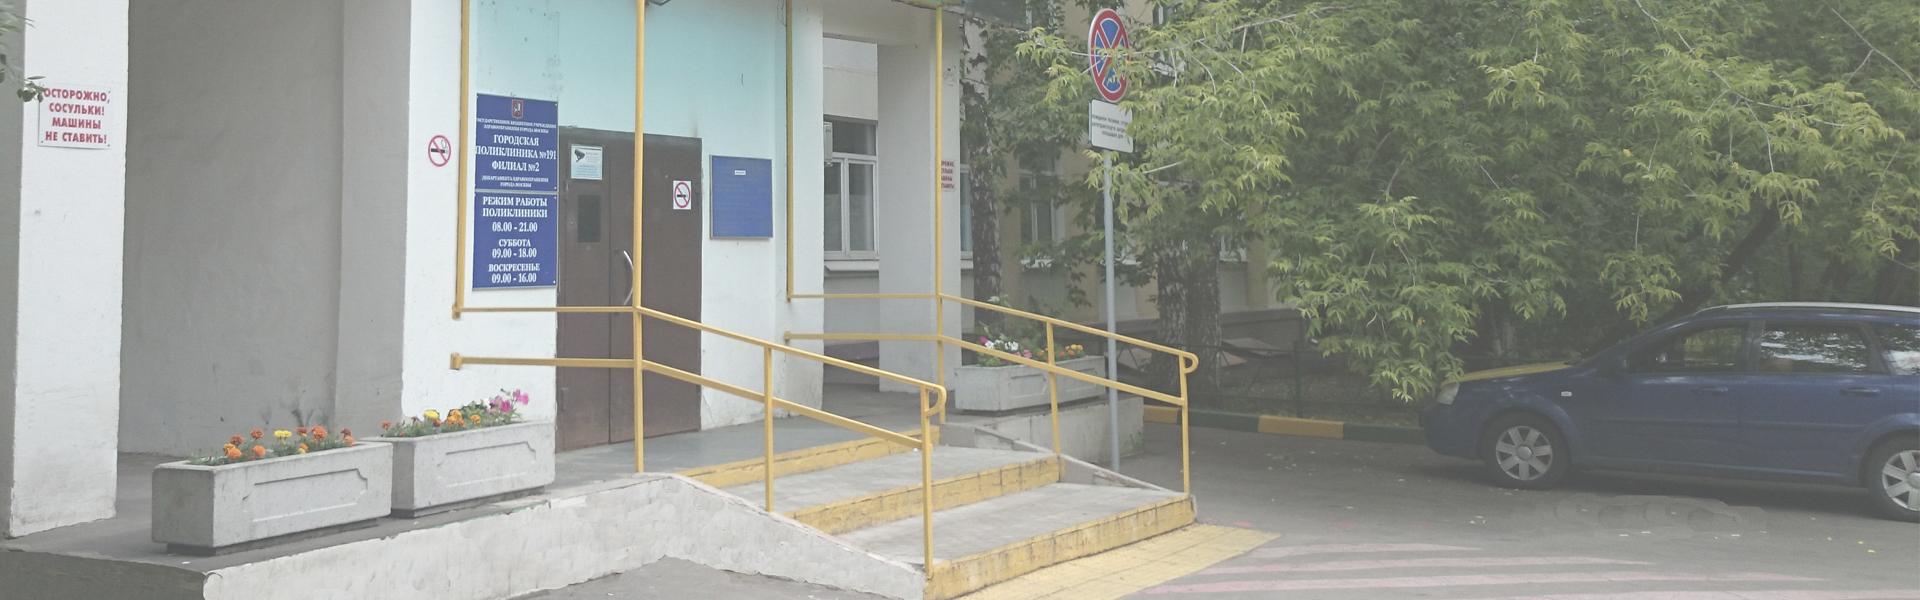 Наро фоминск платные клиники